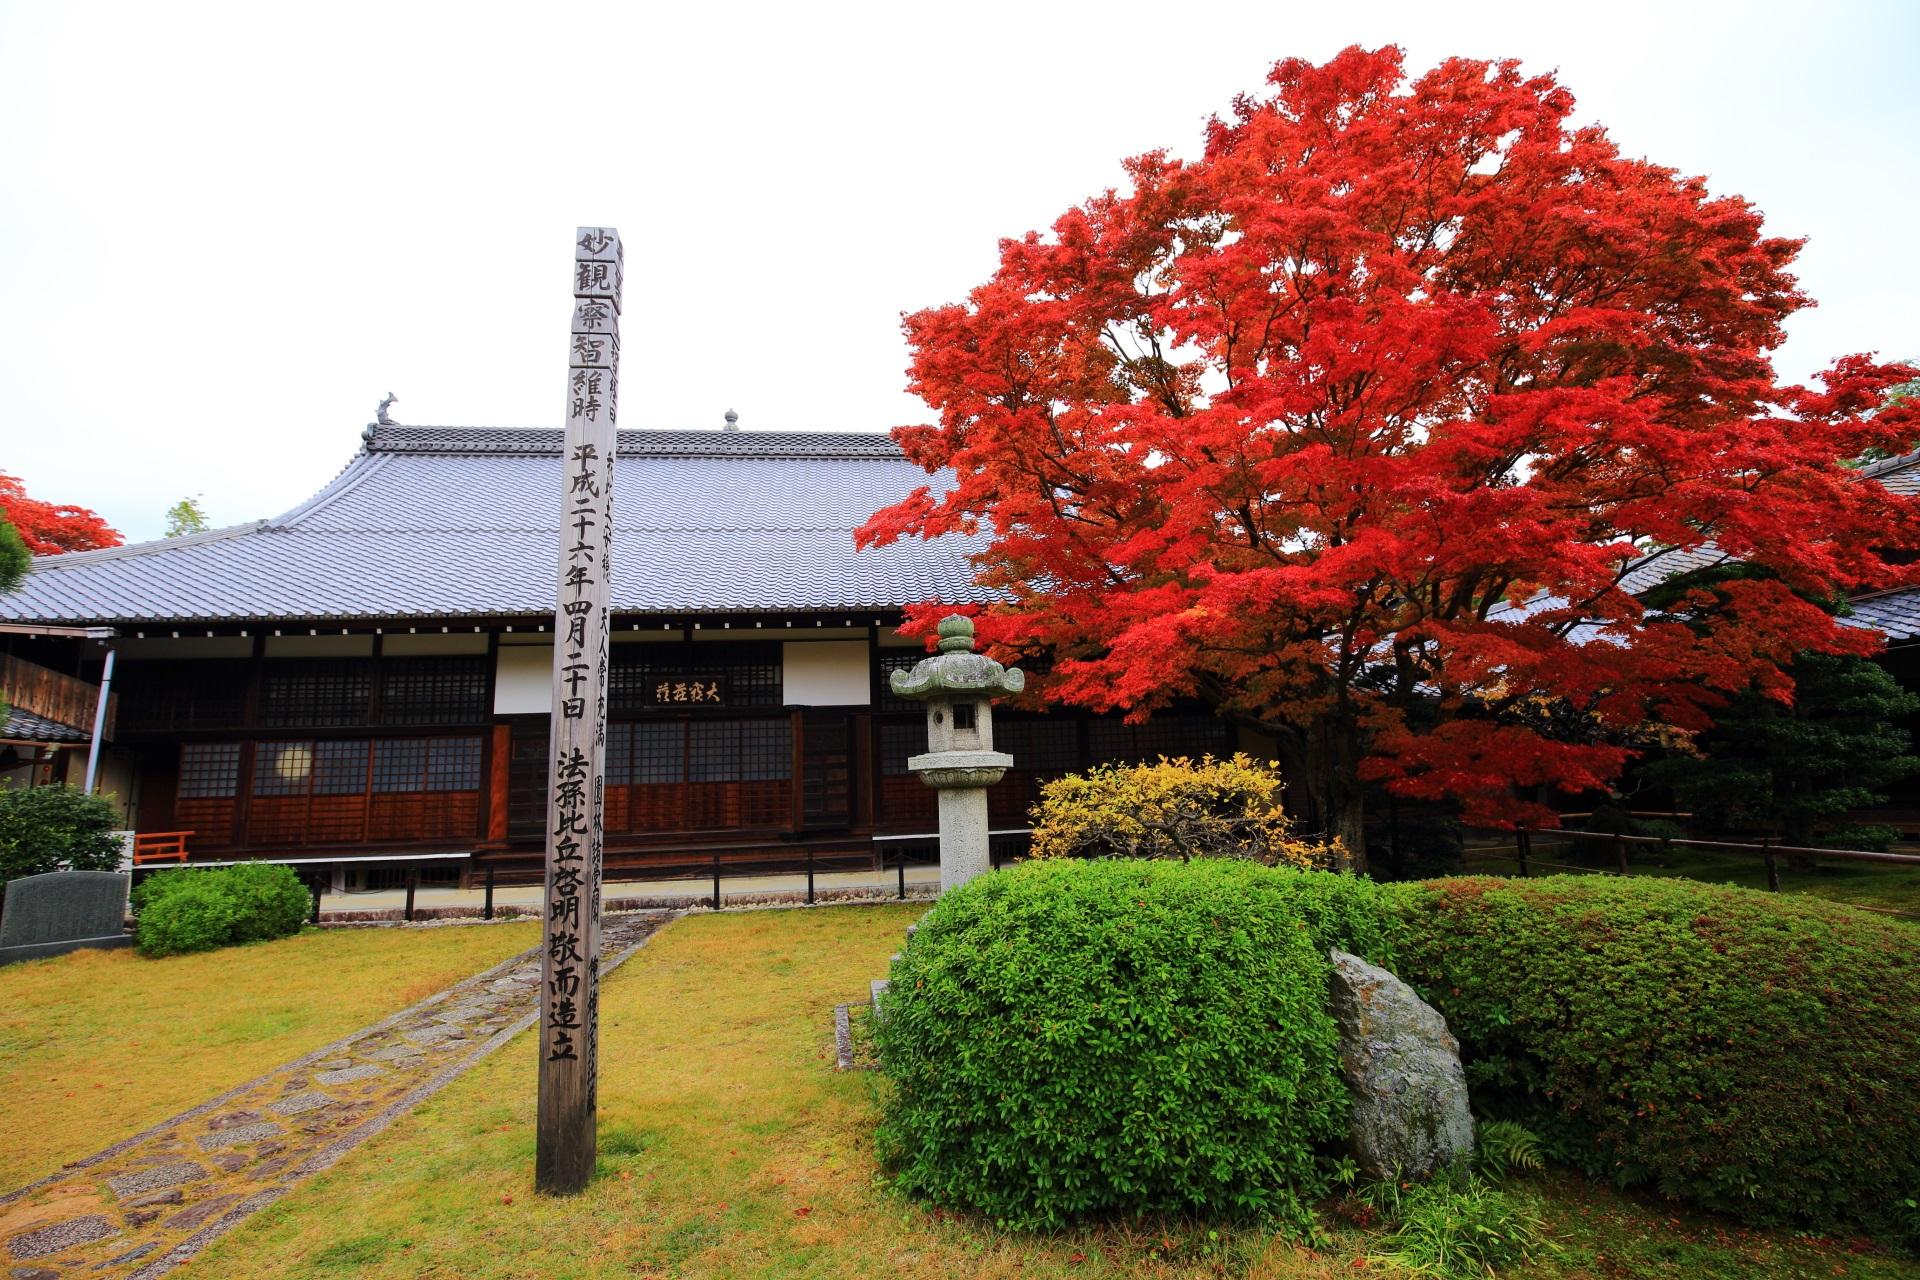 源光庵の本堂と最高の見ごろをむかえた丸く大きな紅葉